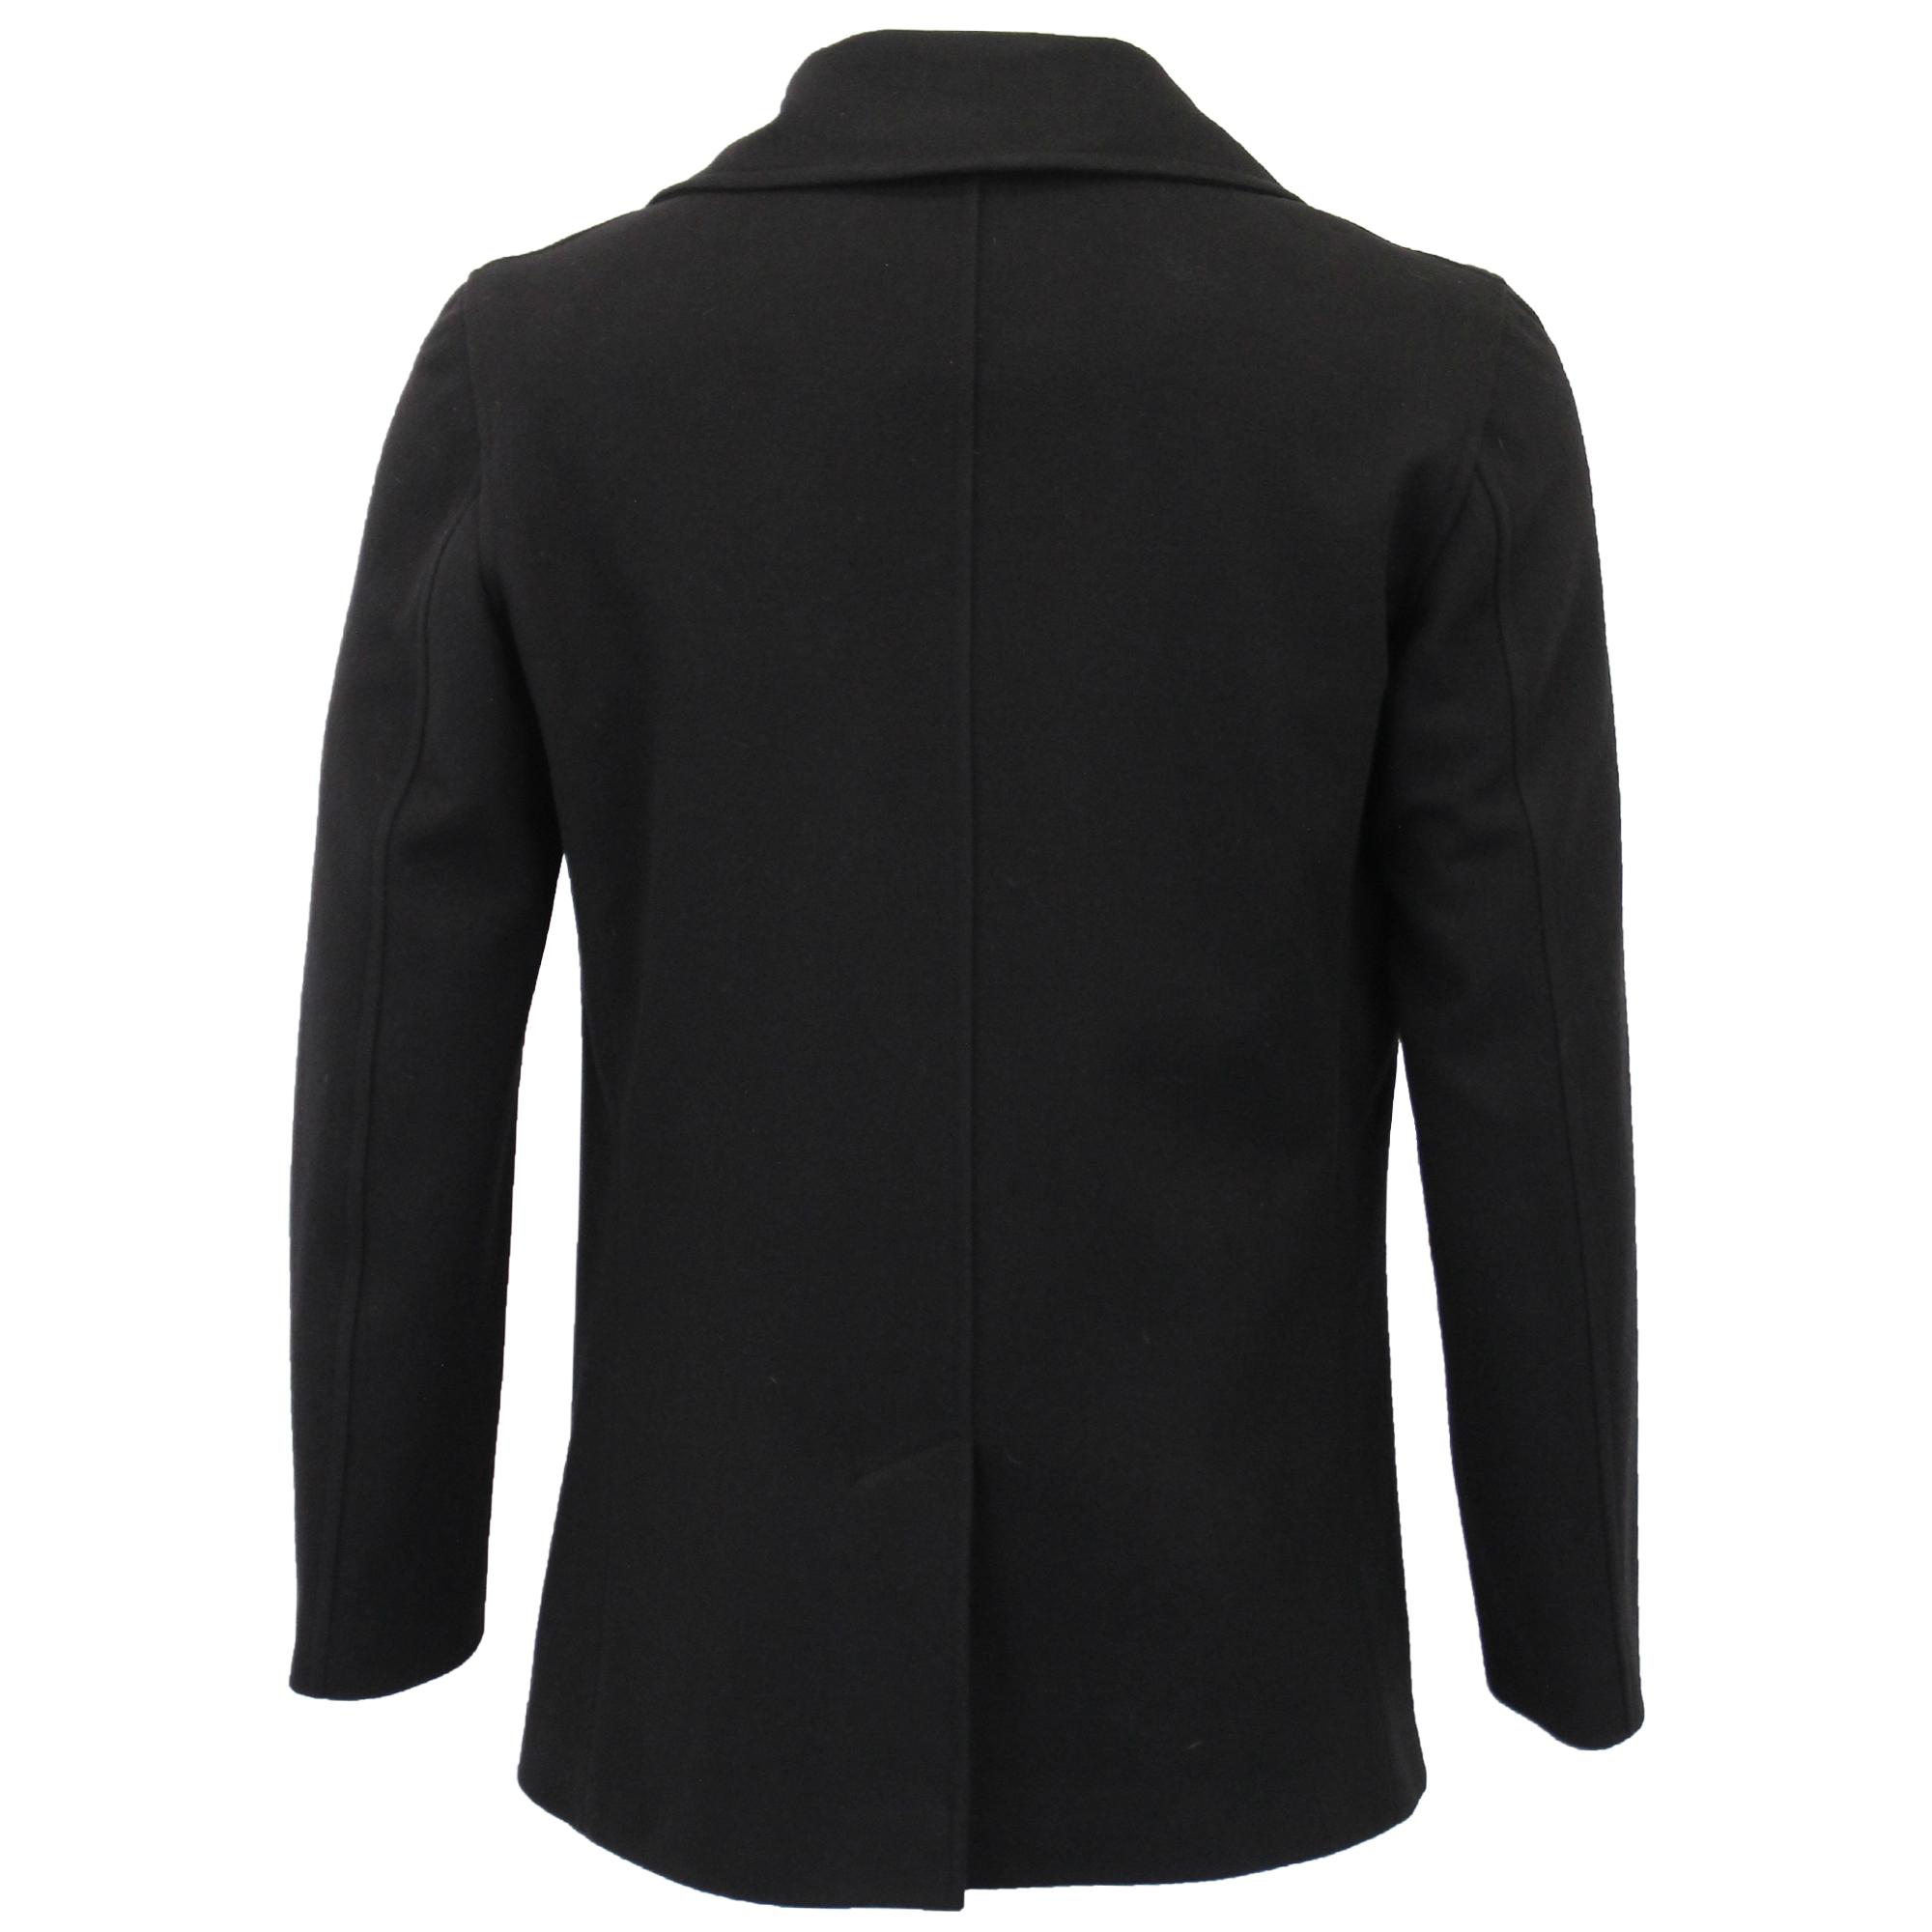 da in foderato colletto petto doppio Bottone Casual Giacca Pcoat con Inverno Nero lana uomo Trench wEndxf4q